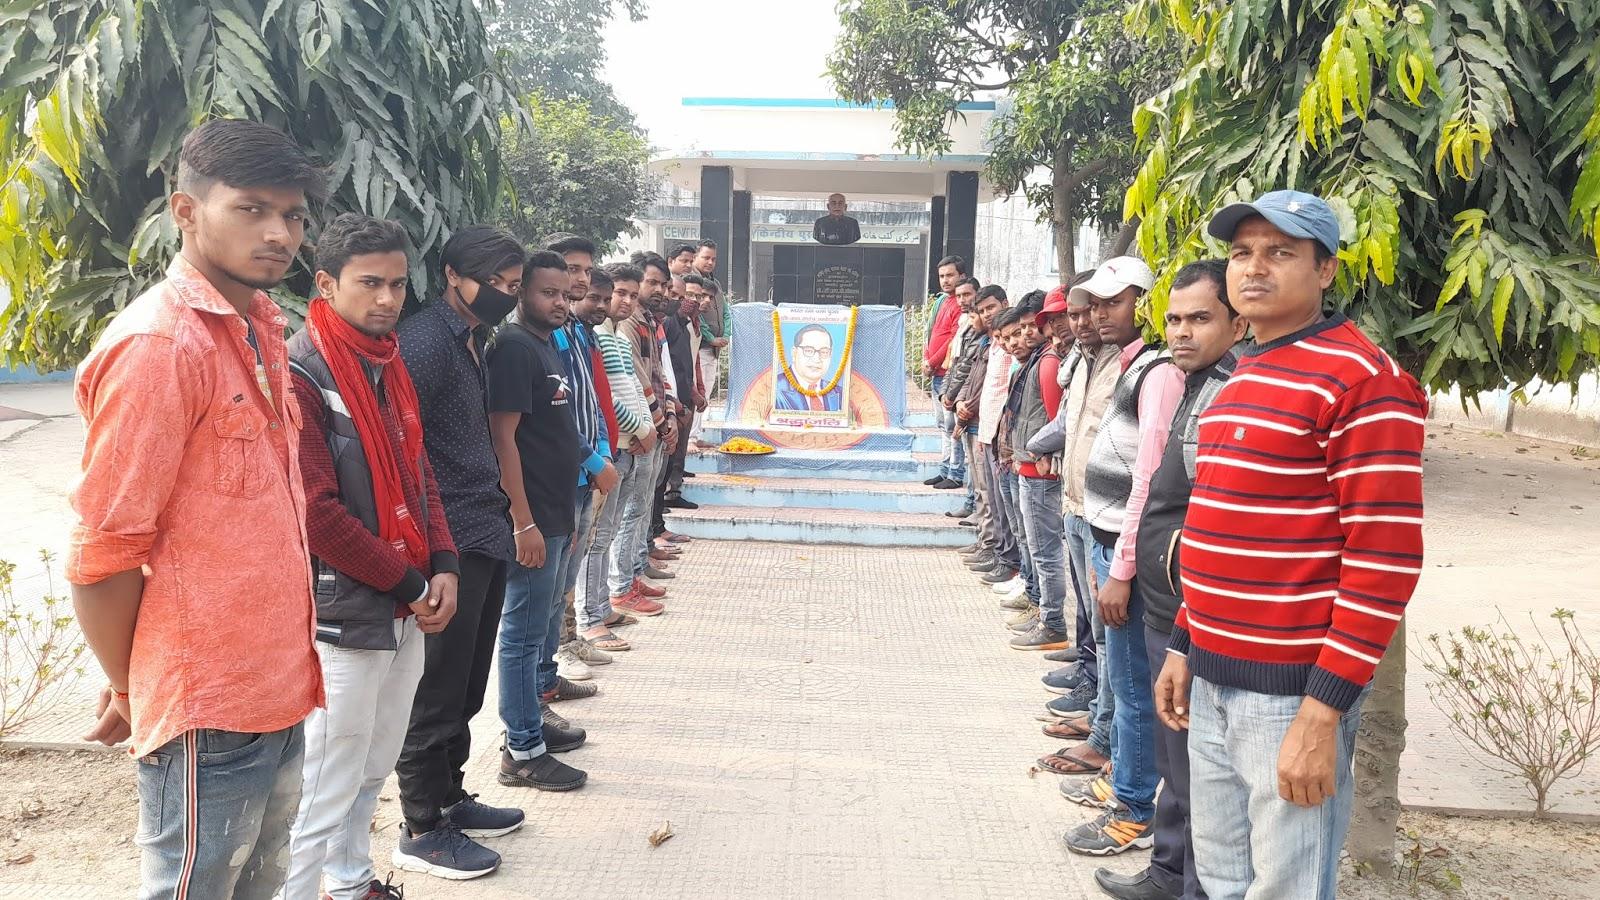 """मधेपुरा/छात्र राजद के द्वारा विश्वविद्यालय परिसर में मनाया गया आदरणीय डॉ भीम राव अम्बेडकर """"बाबा साहब"""" का महापरिनिर्वाण दिवस"""